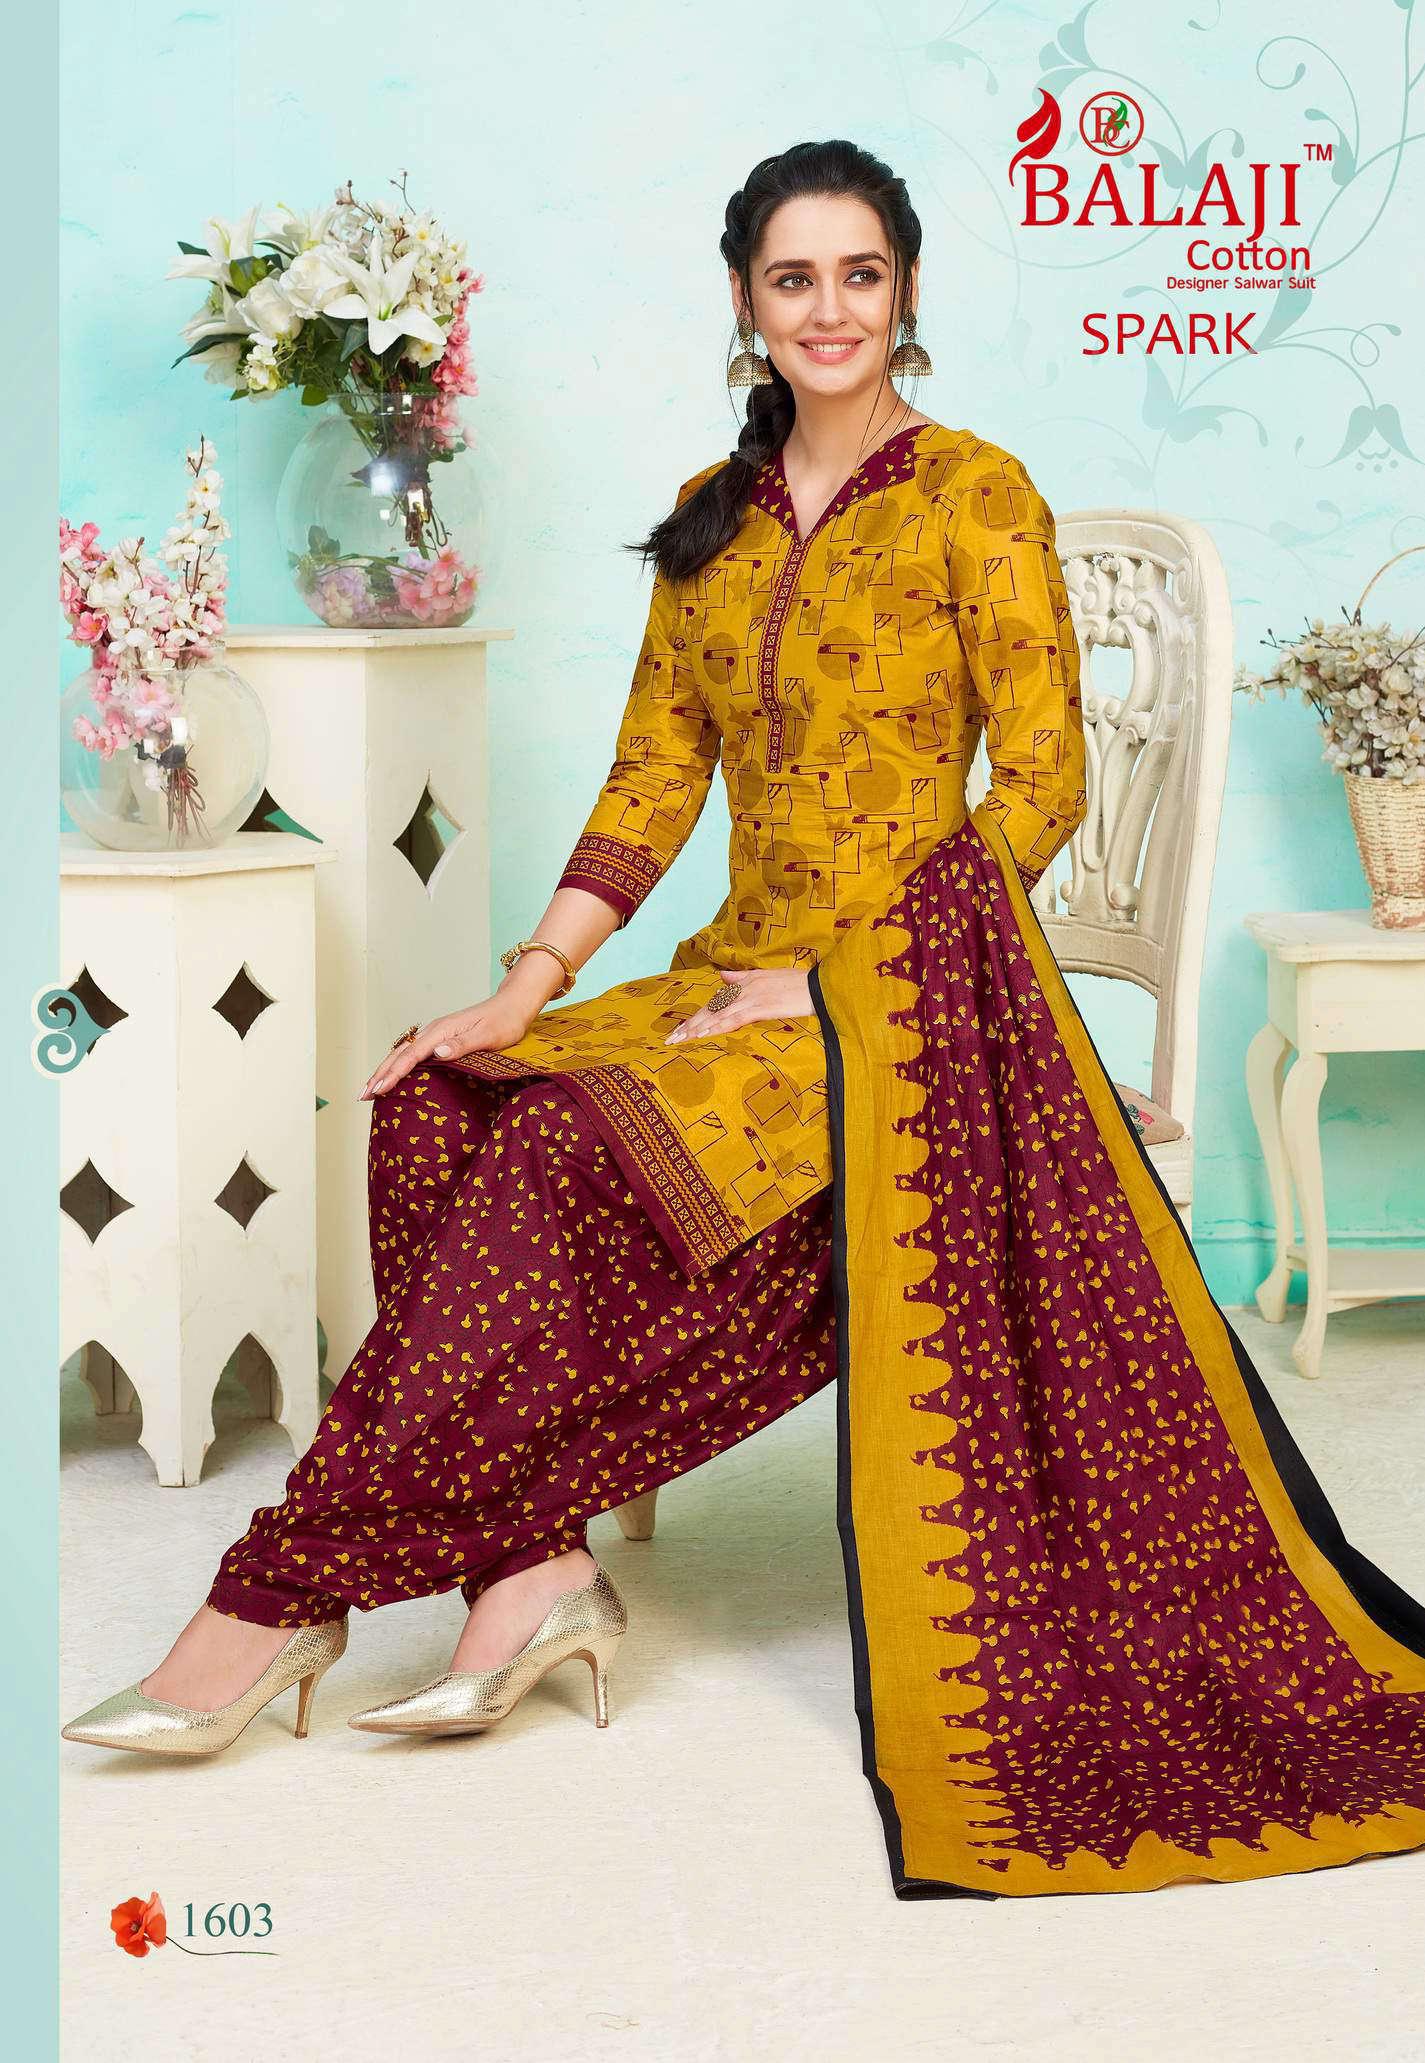 Balaji Cotton Spark Vol 16 Salwar Suit Wholesale Catalog 16 Pcs 3 - Balaji Cotton Spark Vol 16 Salwar Suit Wholesale Catalog 16 Pcs